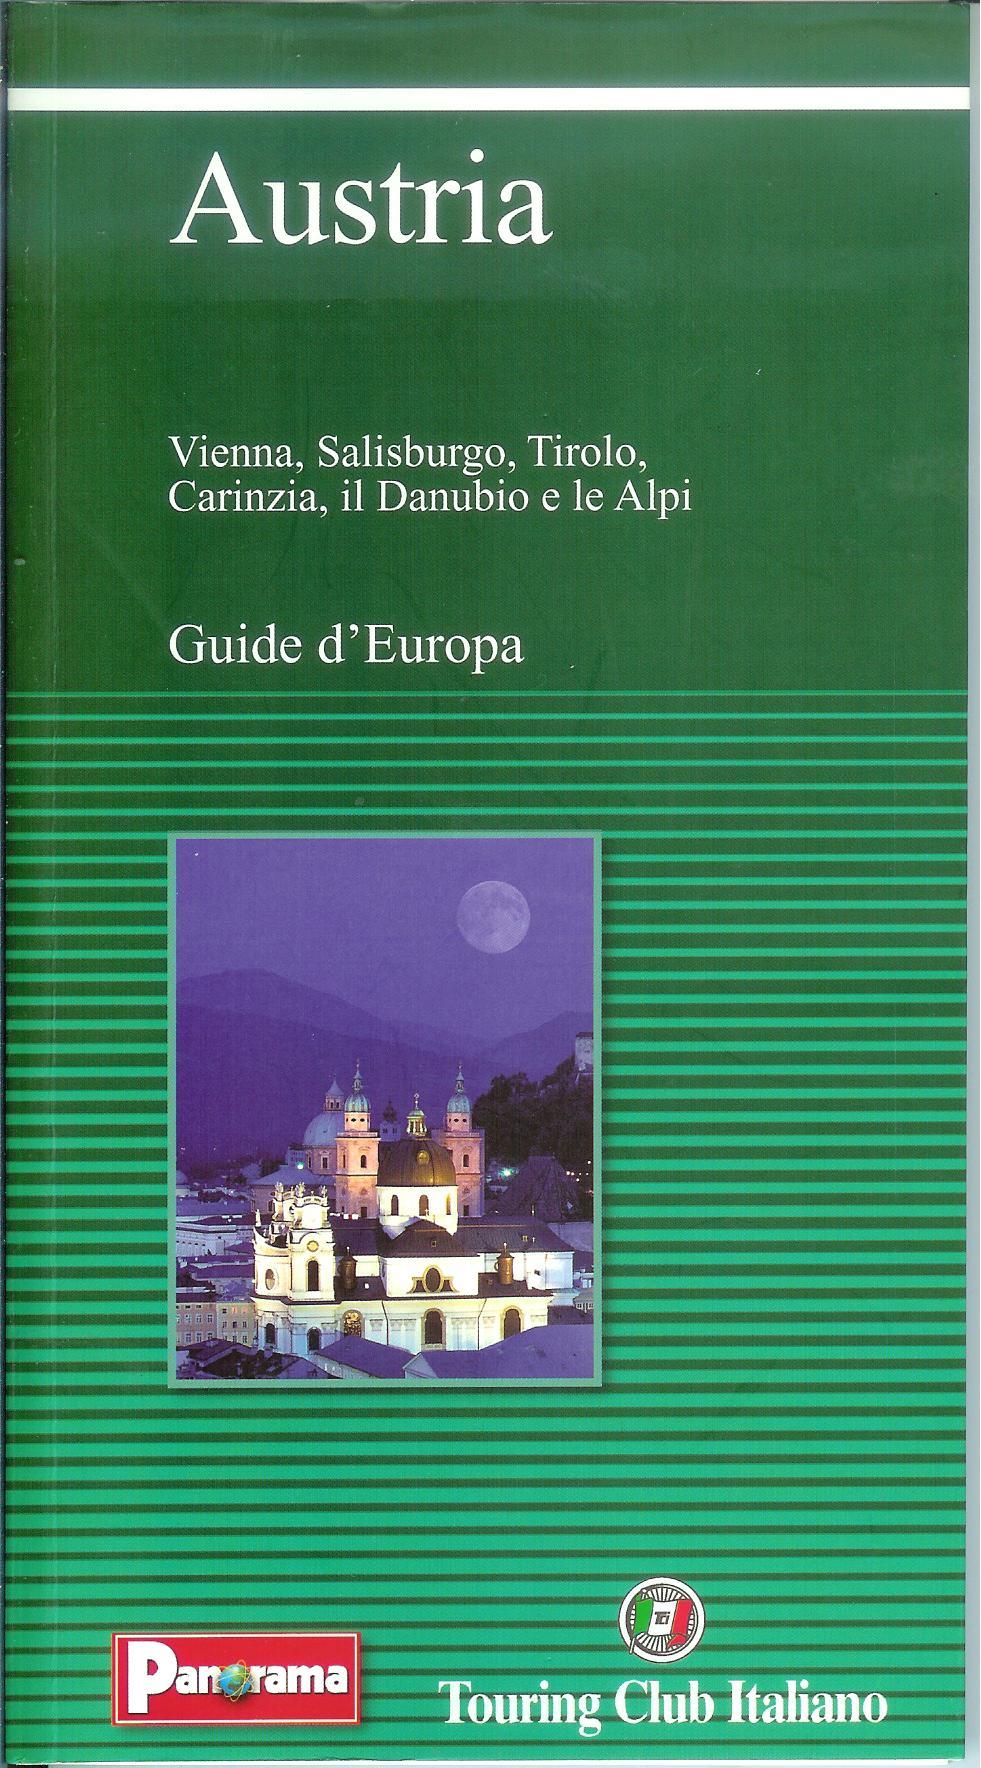 Austria: Vienna , Salisburgo, Tirolo, Carinzia, il Danubio e le Alpi